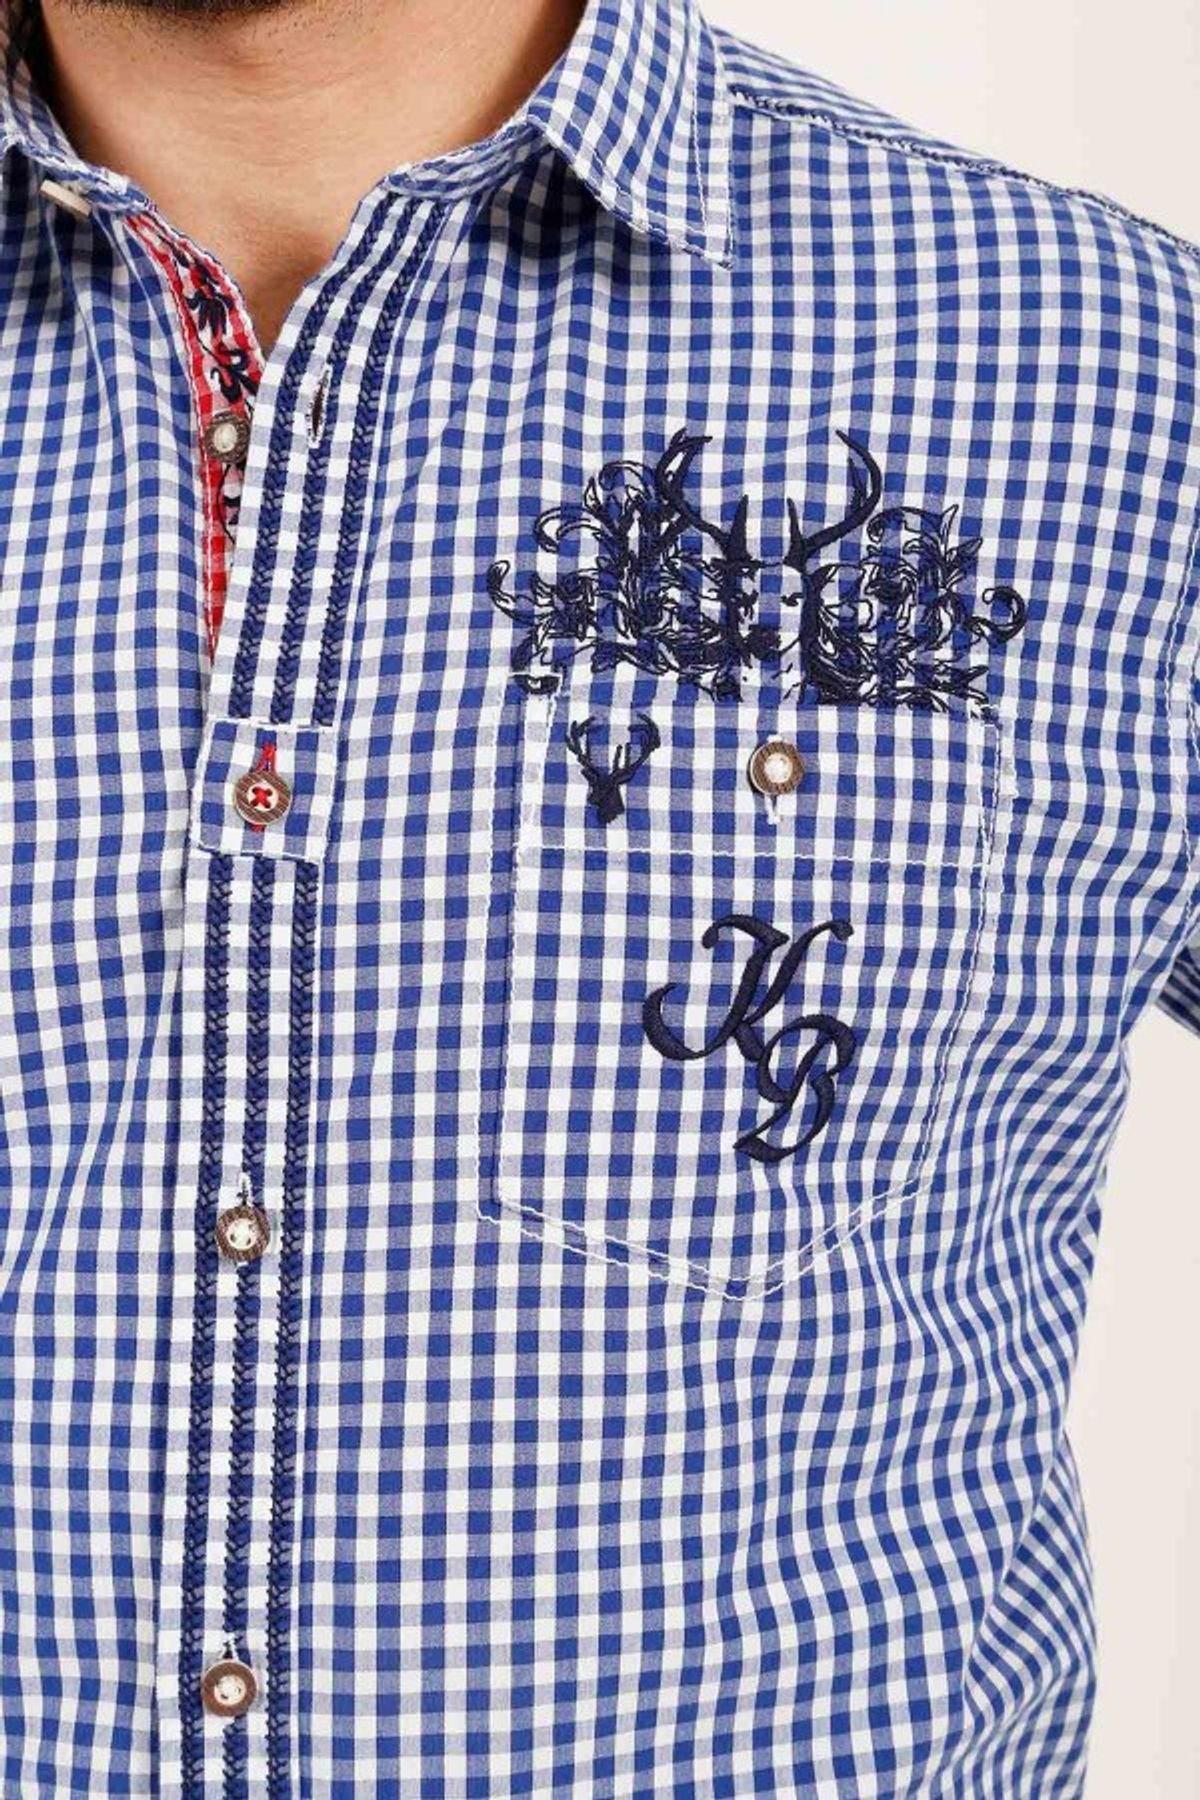 Krüger - Herren Trachtenhemd in blau, Hirsch Buam (93100-8) – Bild 4